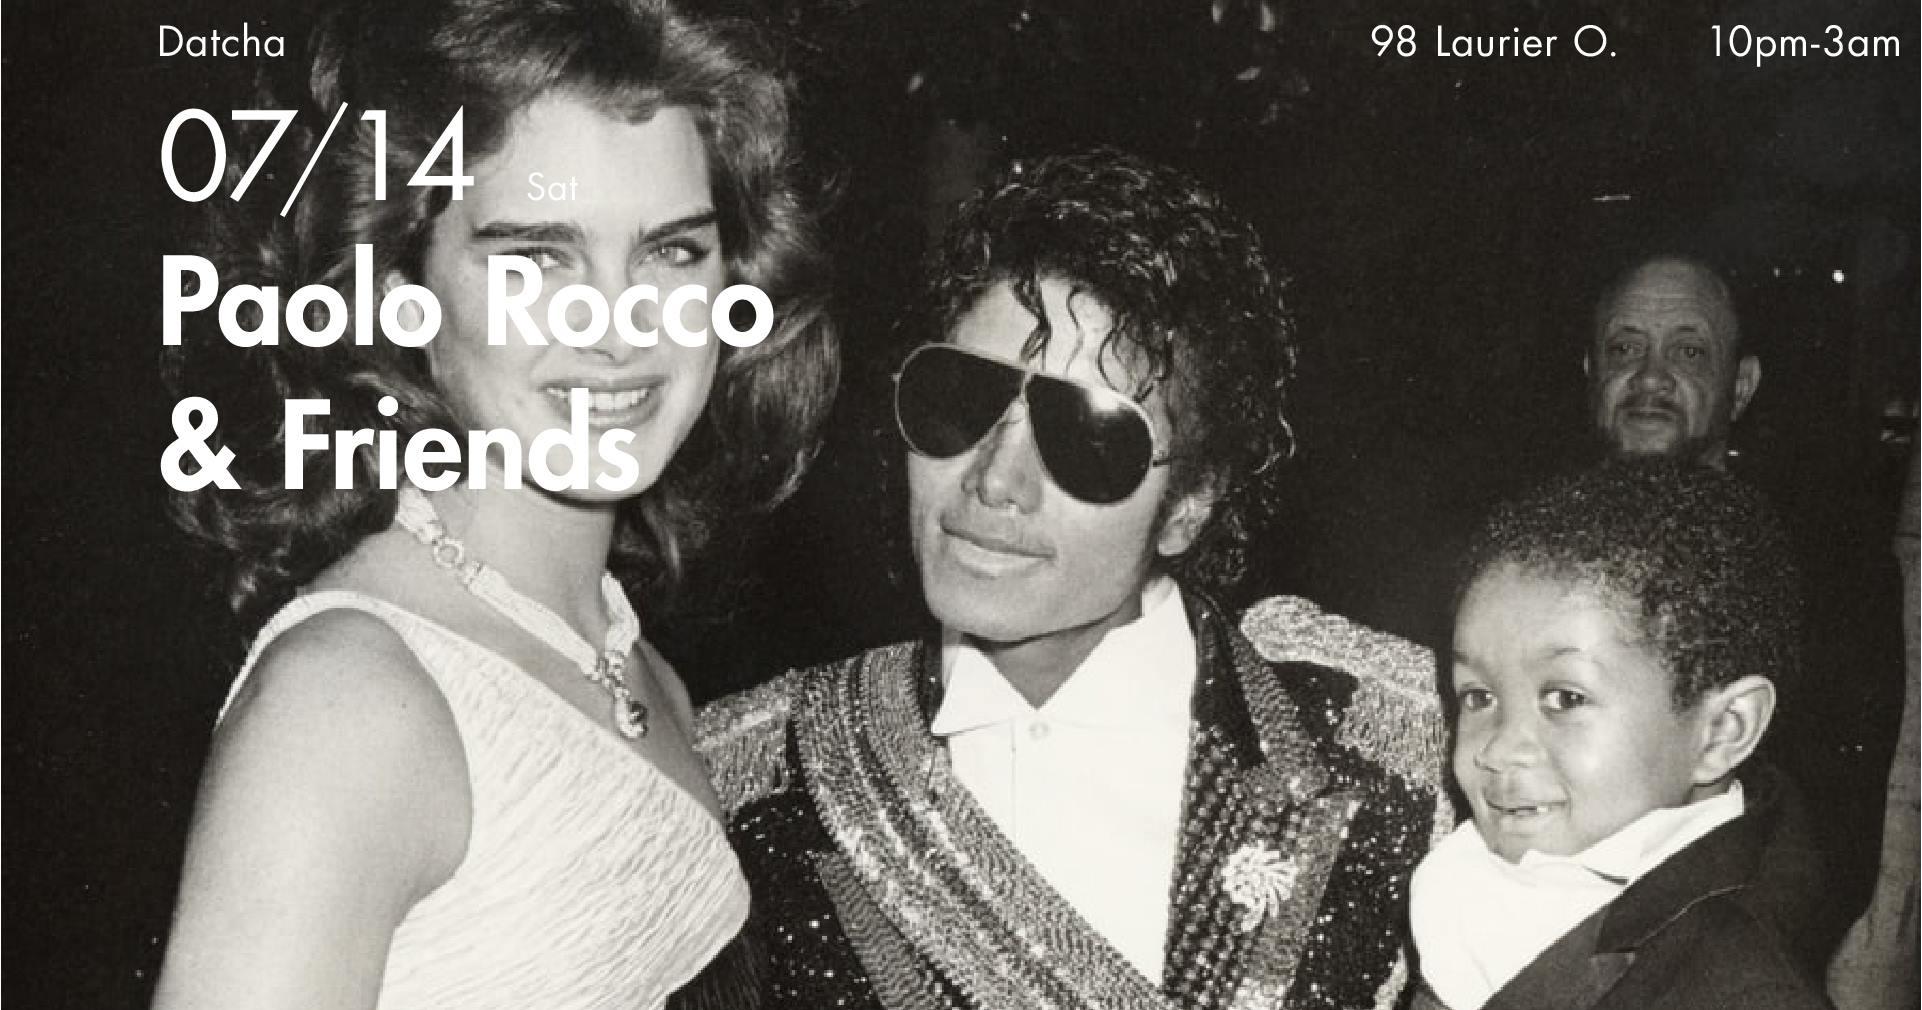 Paolo Rocco & Friends